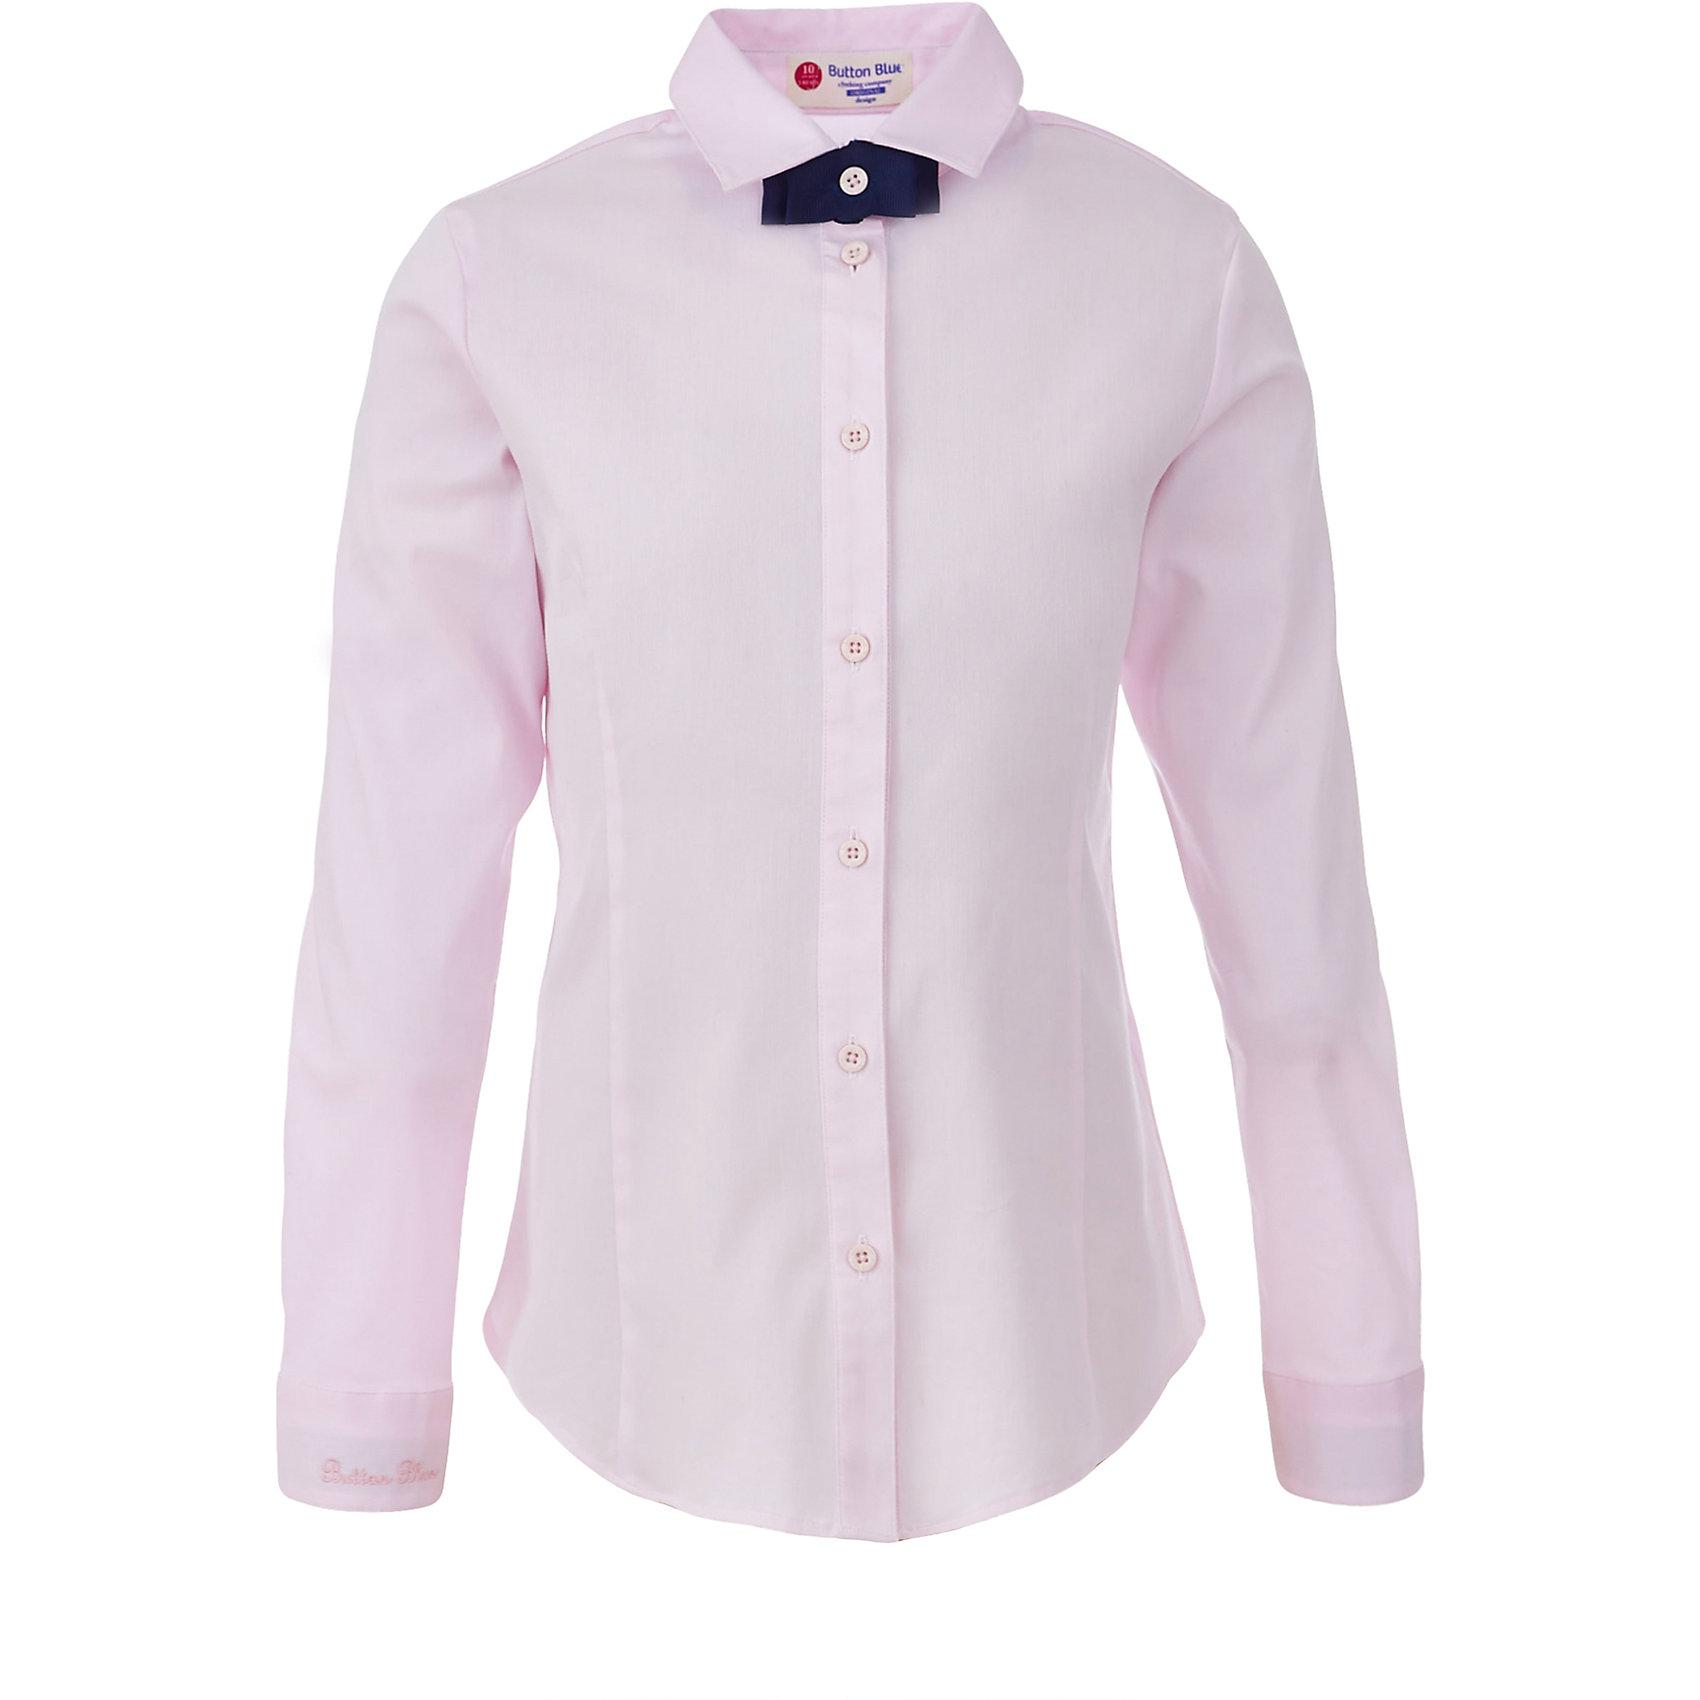 Блузка для девочки BUTTON BLUEБлузки и рубашки<br>Блузка для девочки BUTTON BLUE<br>Блузки для школы купить не сложно, но выбрать модель, сочетающую прекрасный состав, элегантный дизайн, привлекательную цену, не так уж и легко. Купить красивую школьную блузку для девочки недорого возможно, если это блузка от Button Blue!  Розовая школьная блузка с бантиком сделает каждый день ребенка комфортным!<br>Состав:<br>61% хлопок,  36%нейлон,                3% эластан<br><br>Ширина мм: 186<br>Глубина мм: 87<br>Высота мм: 198<br>Вес г: 197<br>Цвет: розовый<br>Возраст от месяцев: 156<br>Возраст до месяцев: 168<br>Пол: Женский<br>Возраст: Детский<br>Размер: 164,128,134,140,146,122,152,158<br>SKU: 6739339